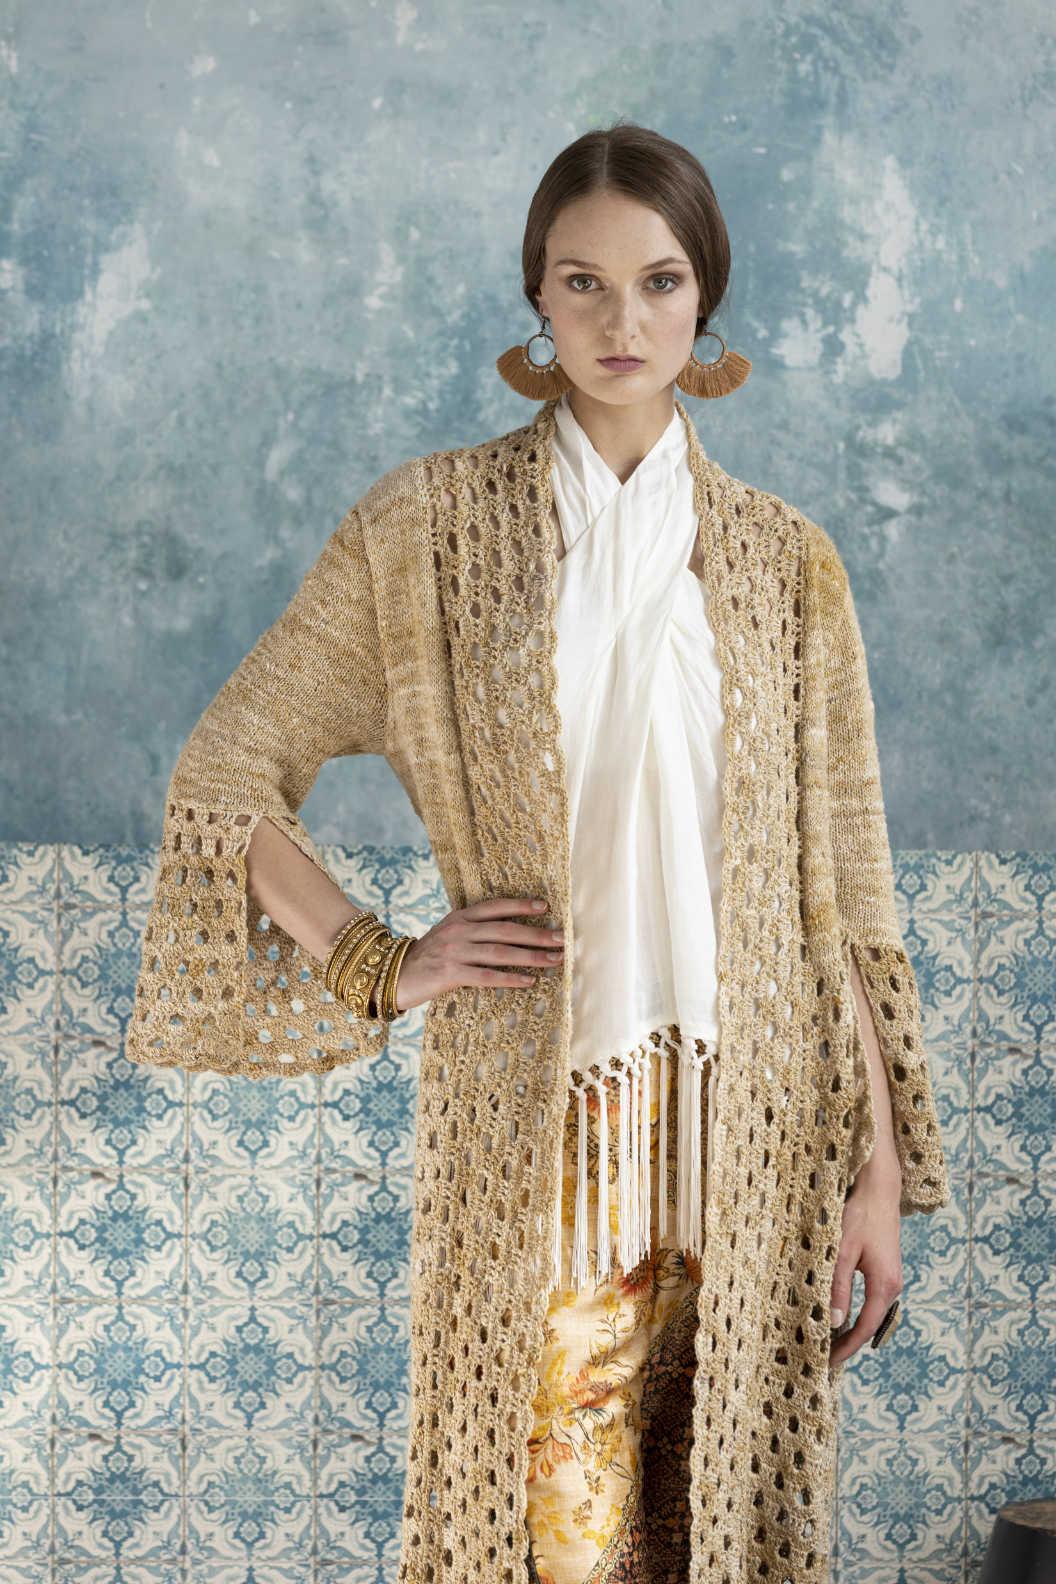 """""""Habenwollen"""" sagt der Blick des Profi-Models Rebecca Hanobik beim Tragen dieses Knit & Crochet Coat by Katrin Walter aus Noro Kumo #15. Foto: Noro Magazine 16"""